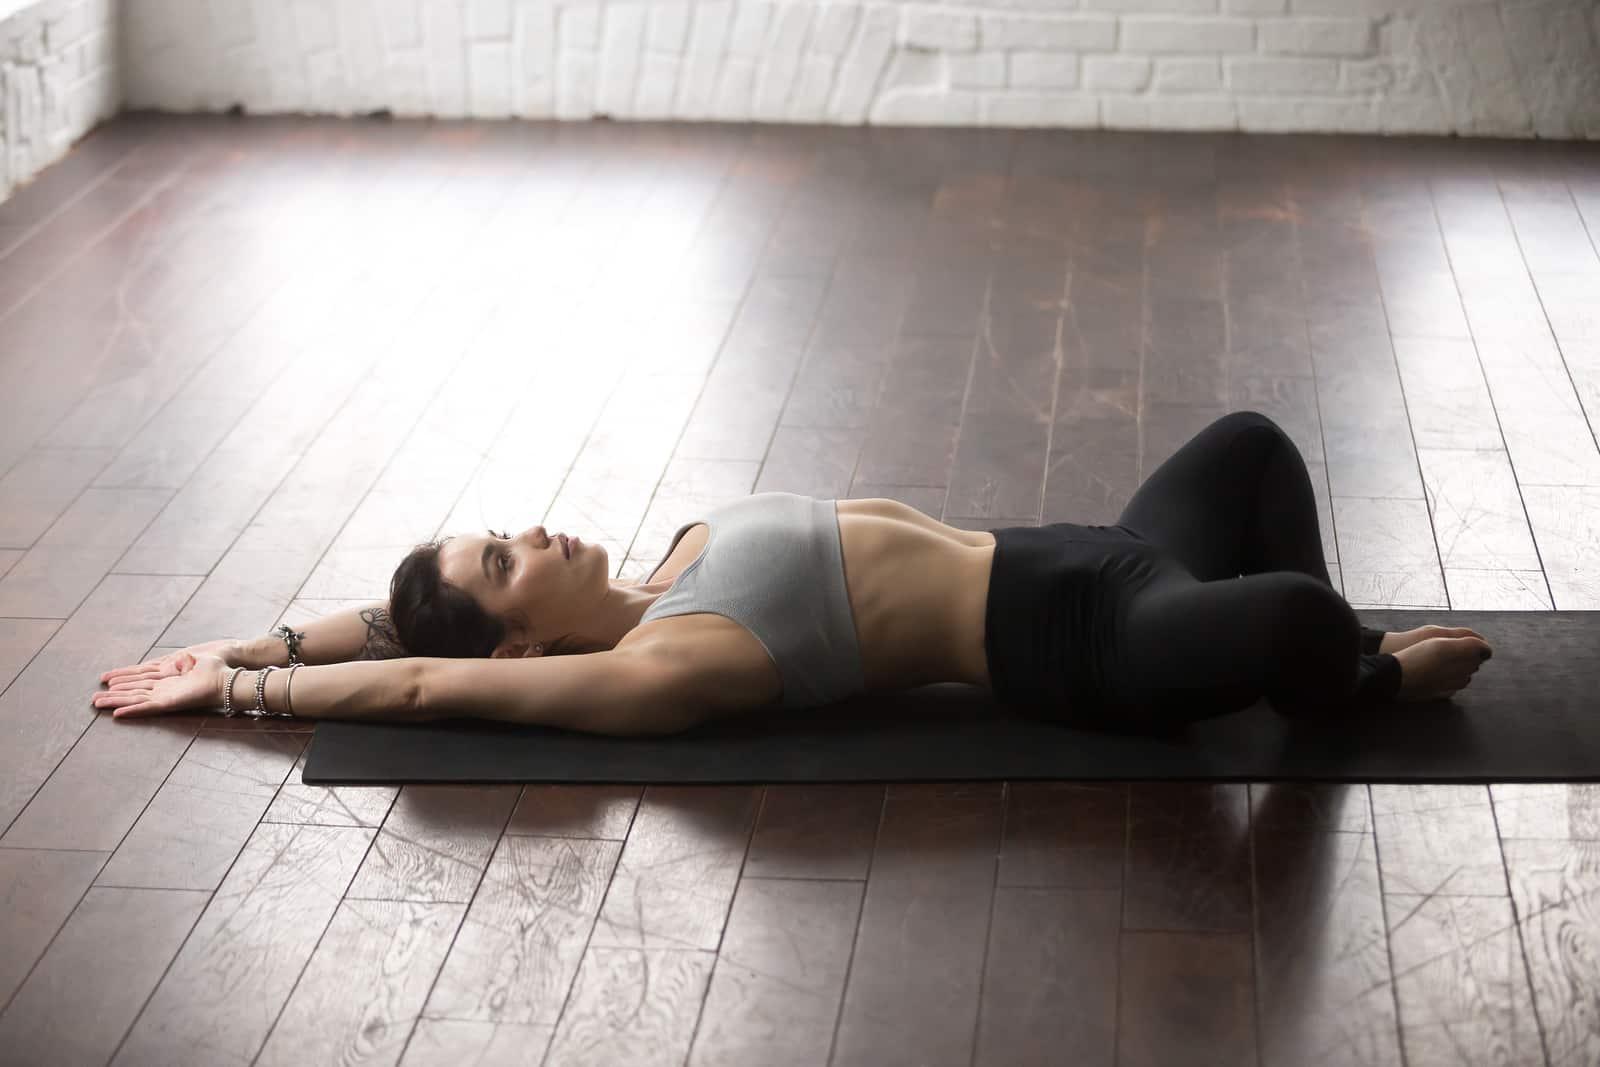 supta baddha konasana, reclined bound angle, for hormones